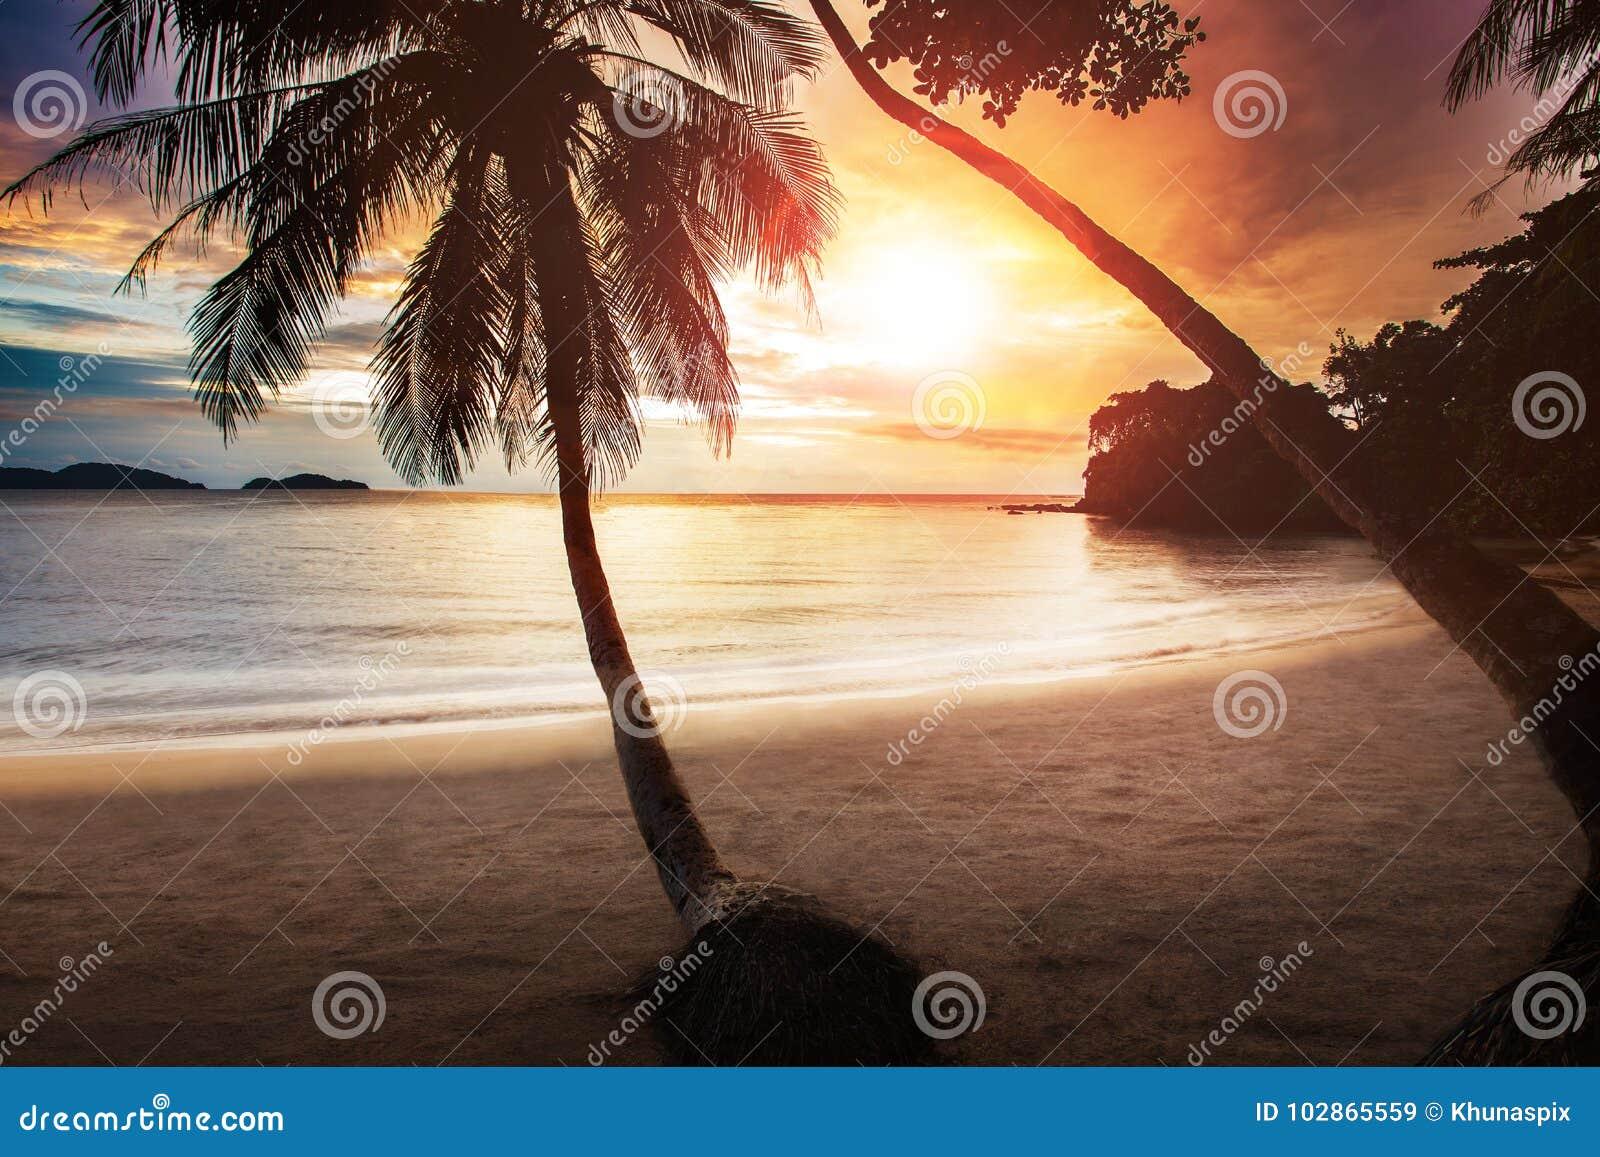 Het mooie op zee strand van de zonsonderganghemel met paar van kokospalm